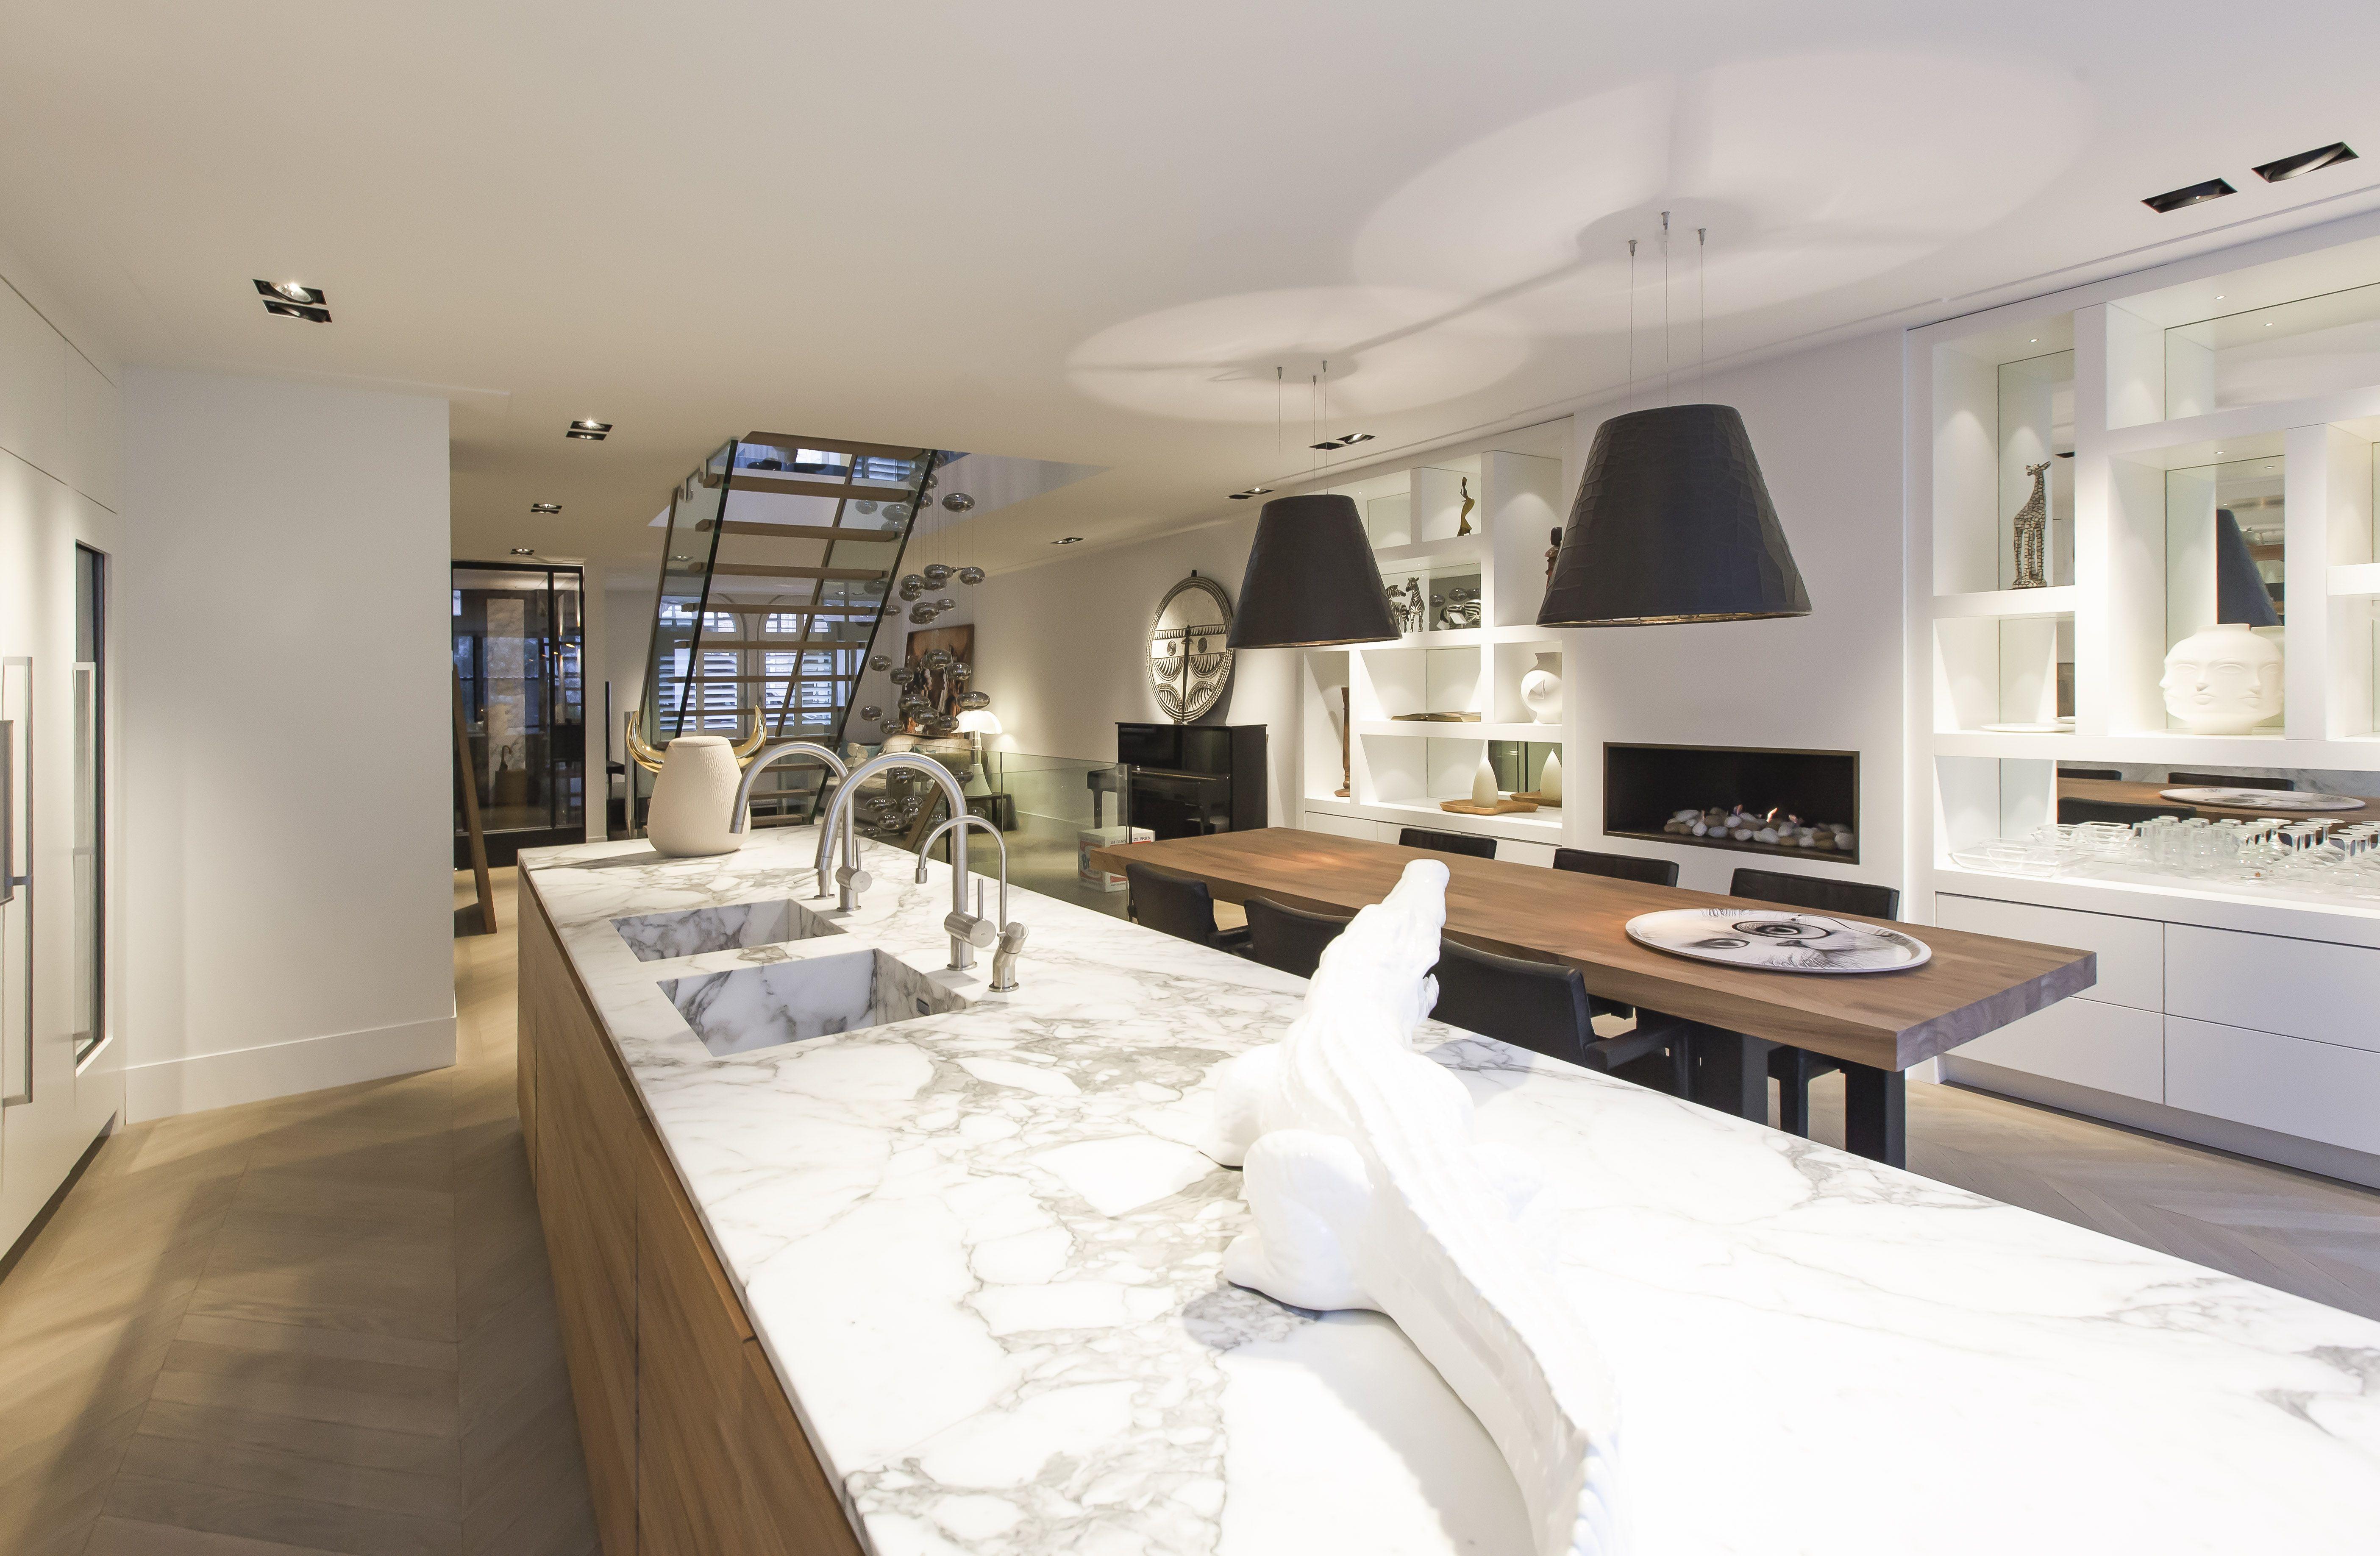 Silbermann kitchen design by studio jan des bouvrie house in